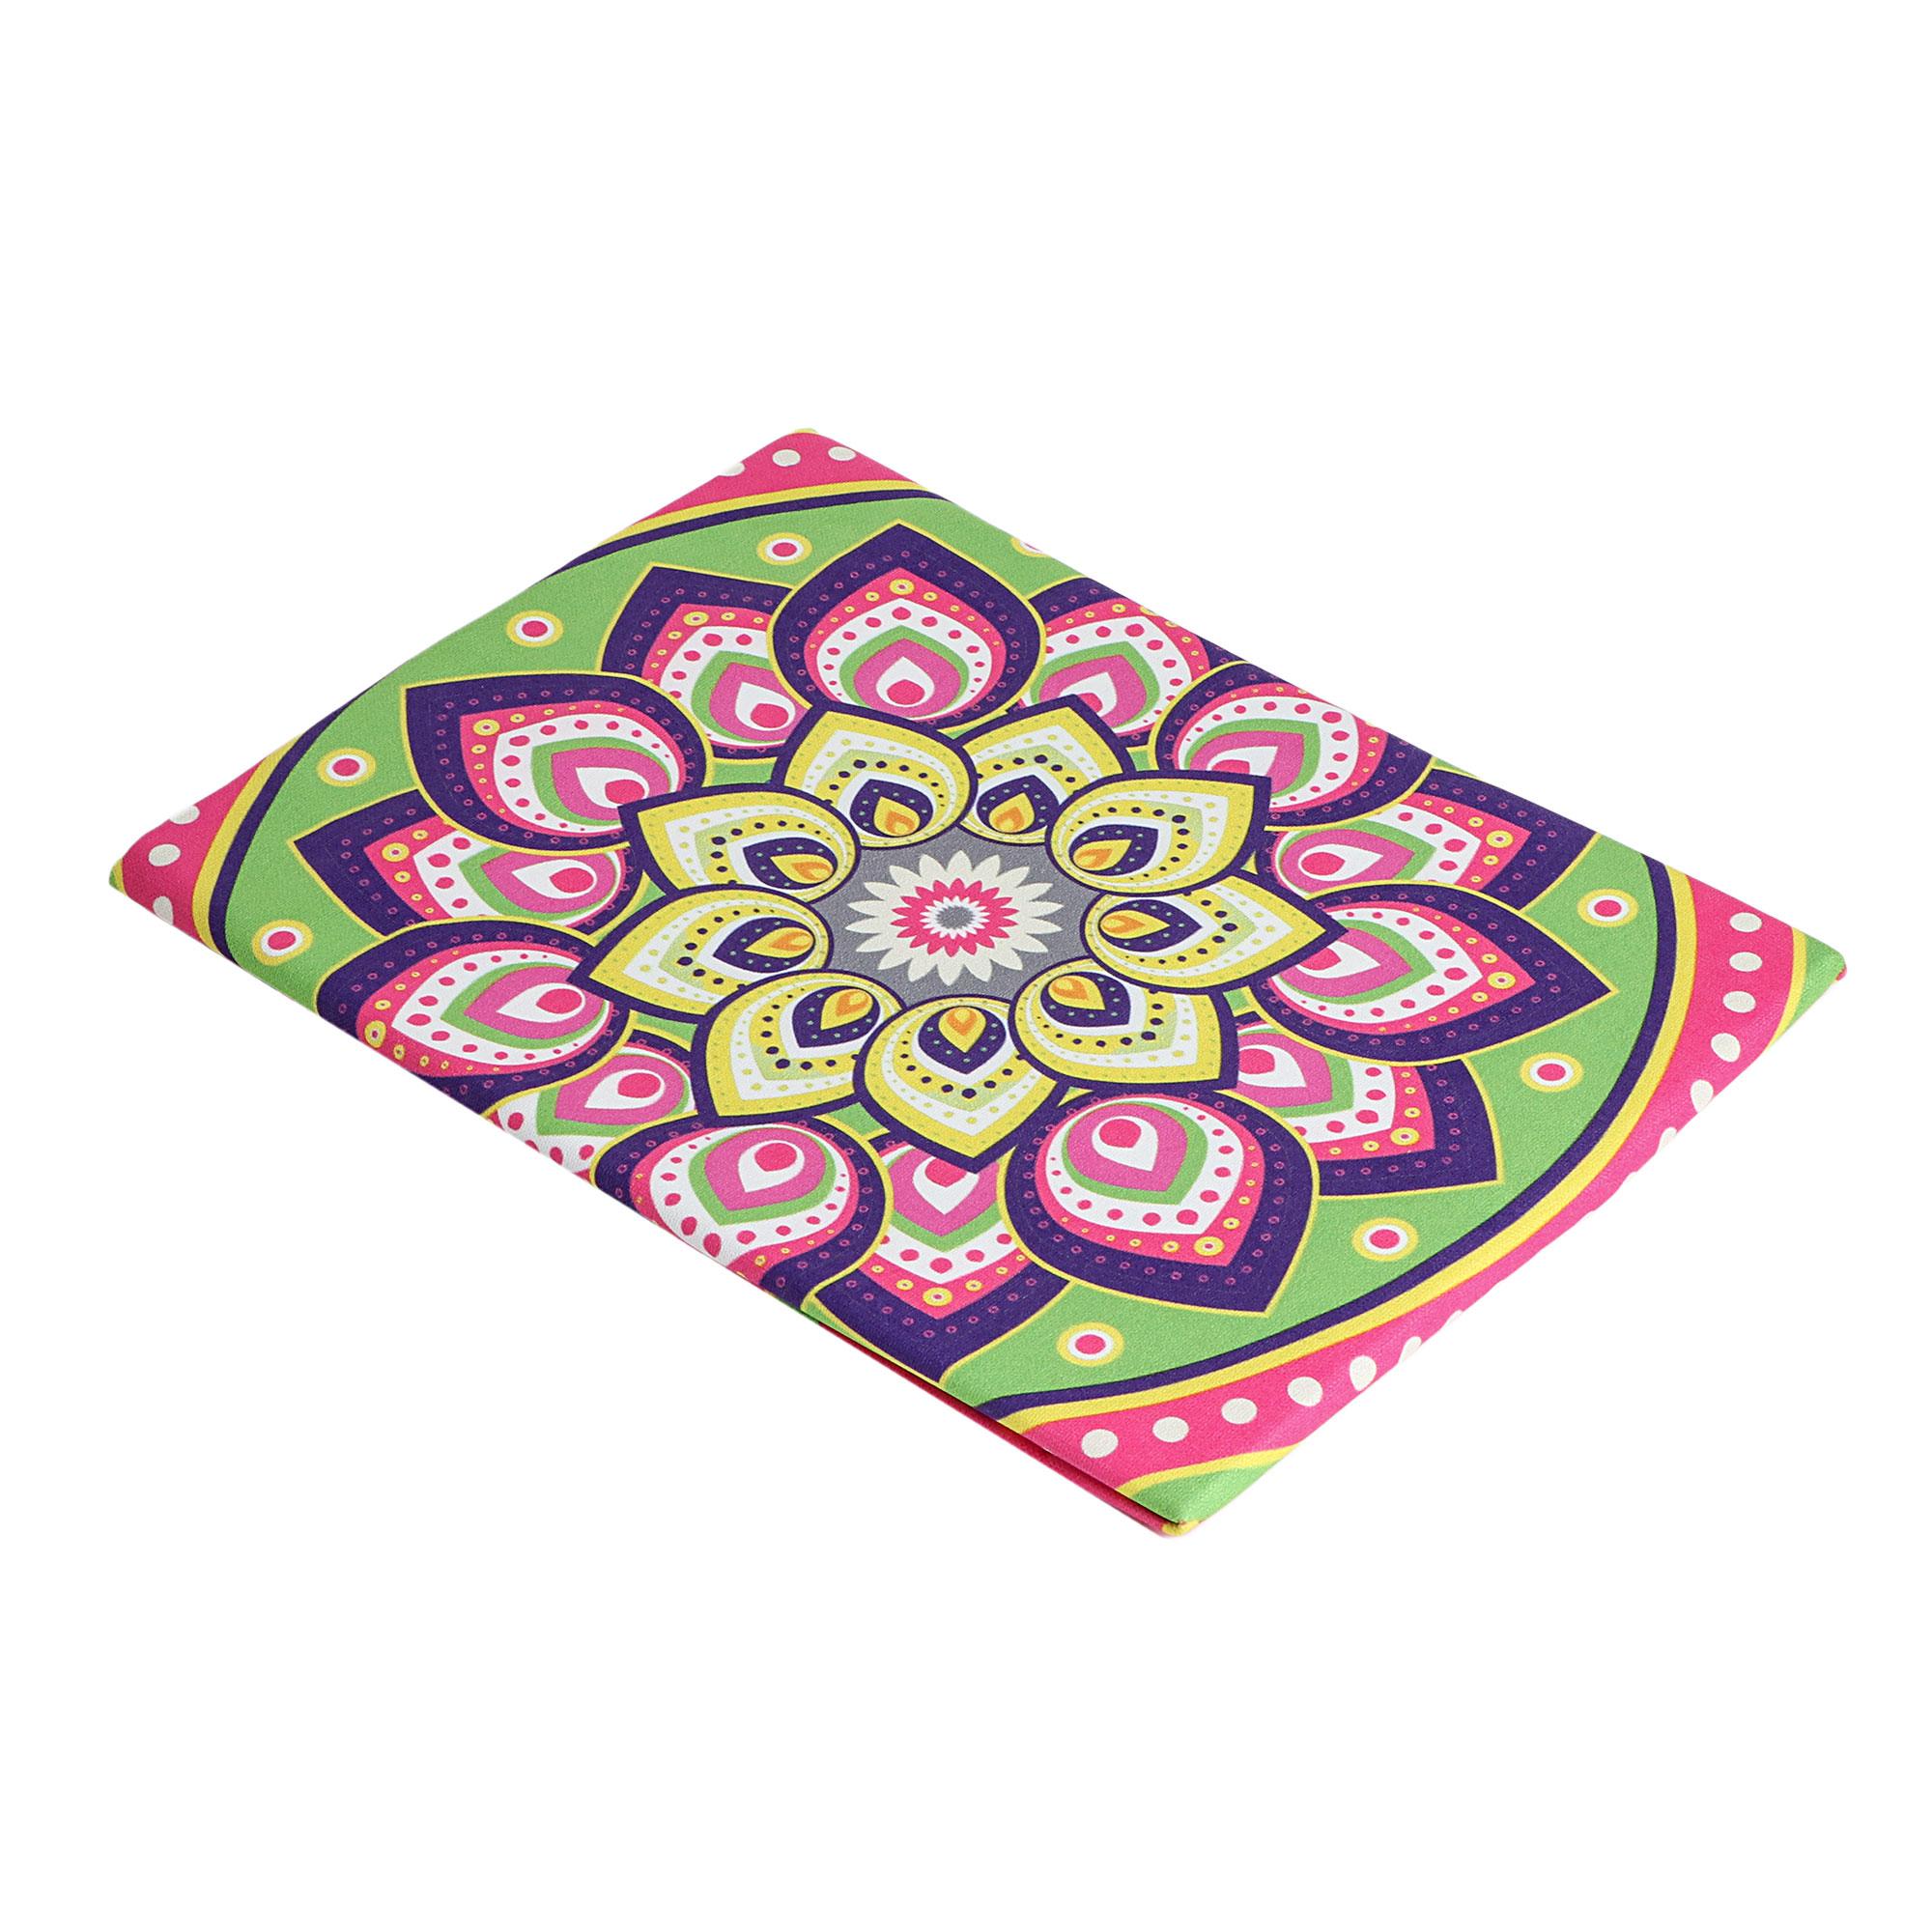 Дорожка для стола 45х140 Indian style